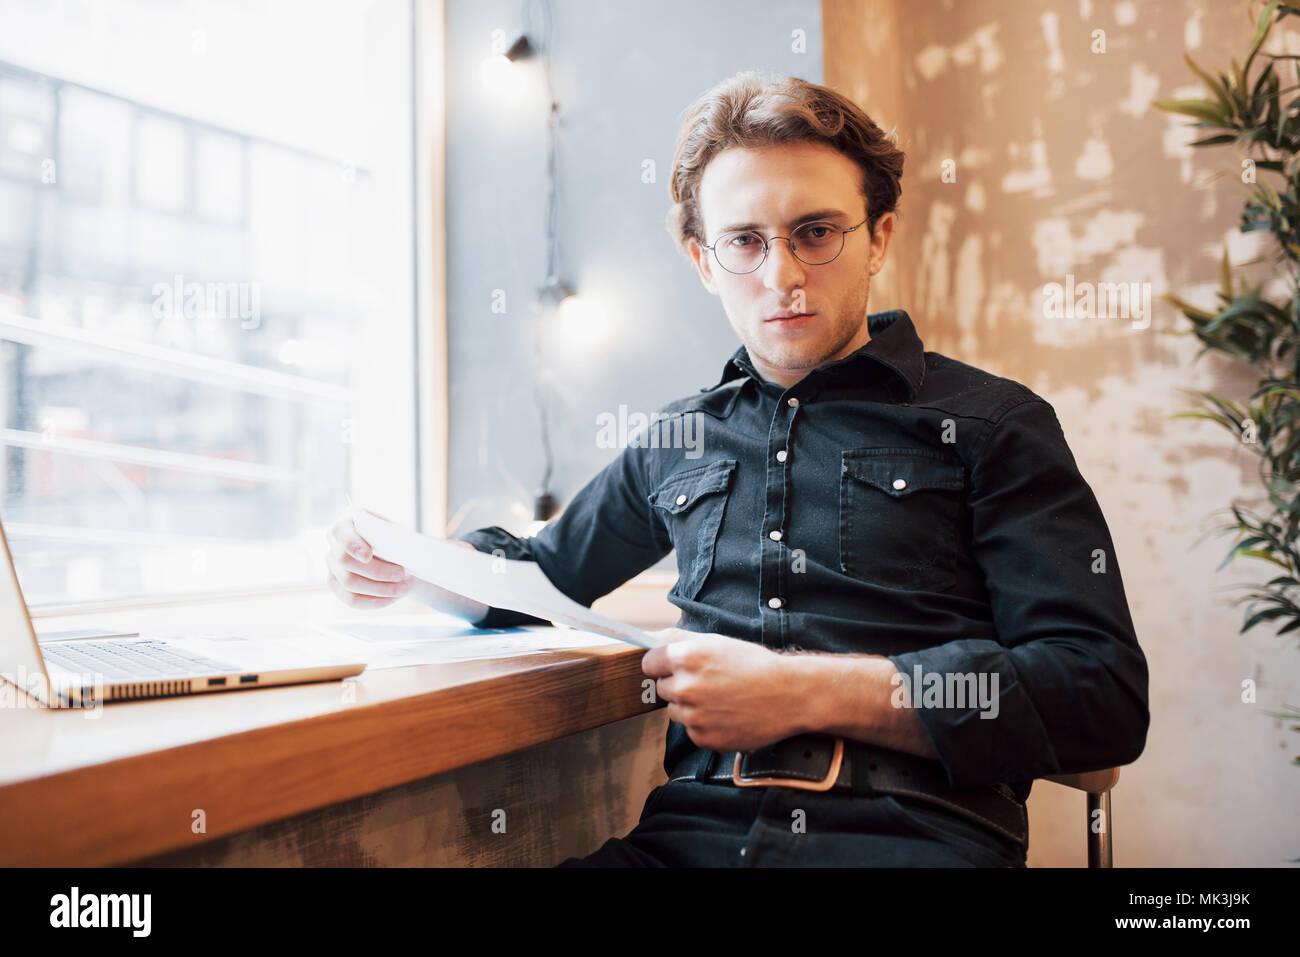 Entspannt Young Professional Surfen im Internet auf seinem Laptop in einem Café Stockbild